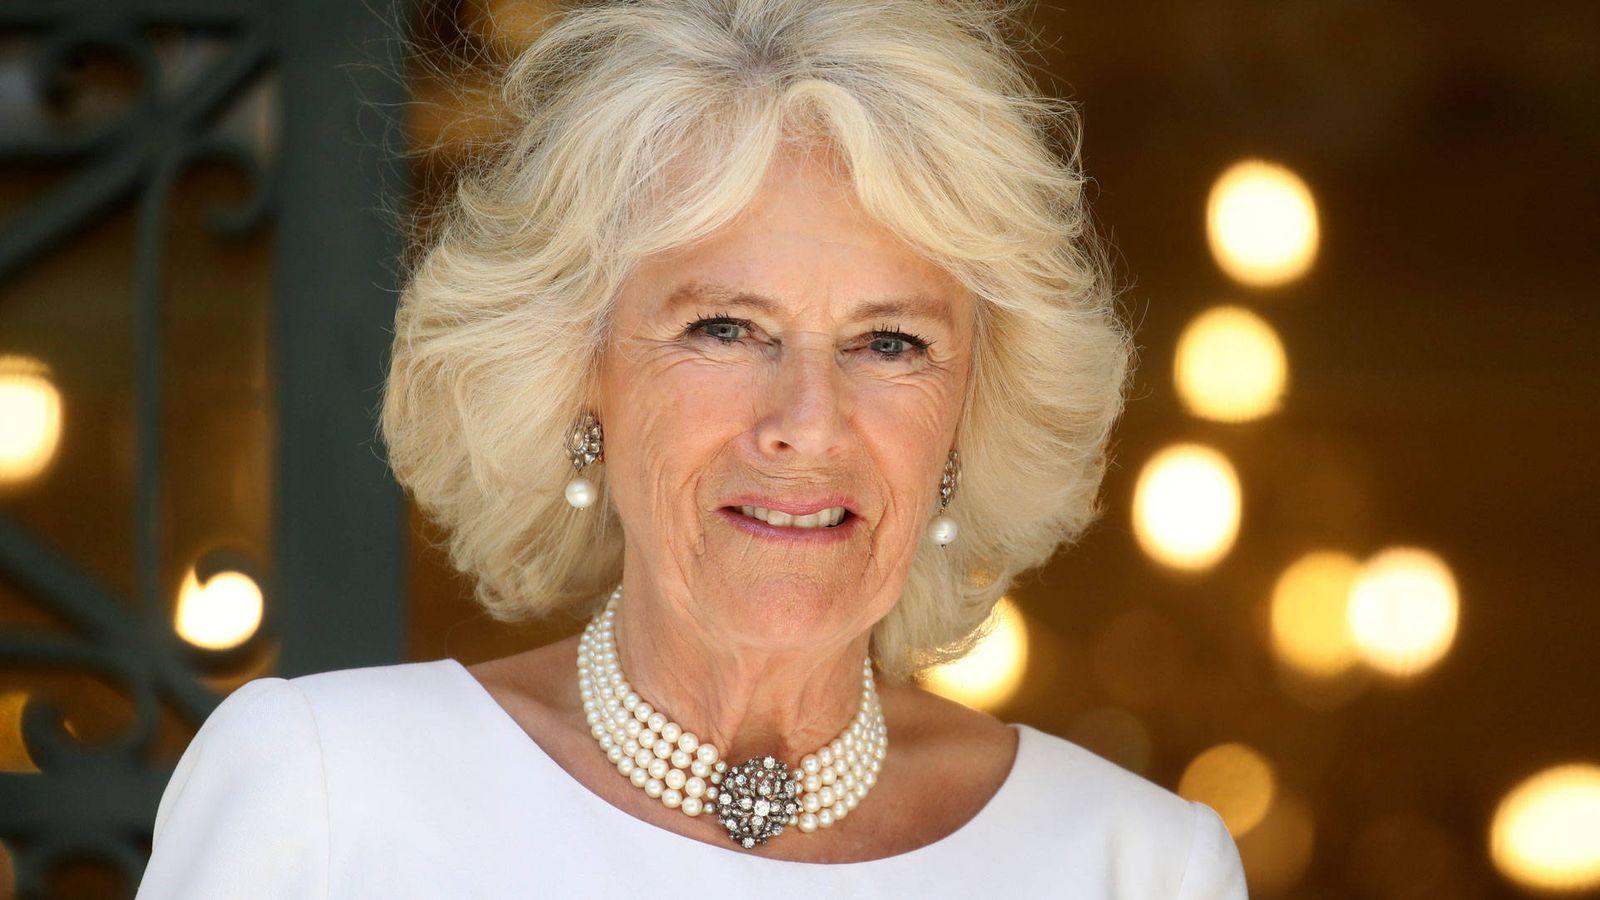 familia real britanica por que camilla no es conocida como princesa de gales a diferencia de diana princesa de gales